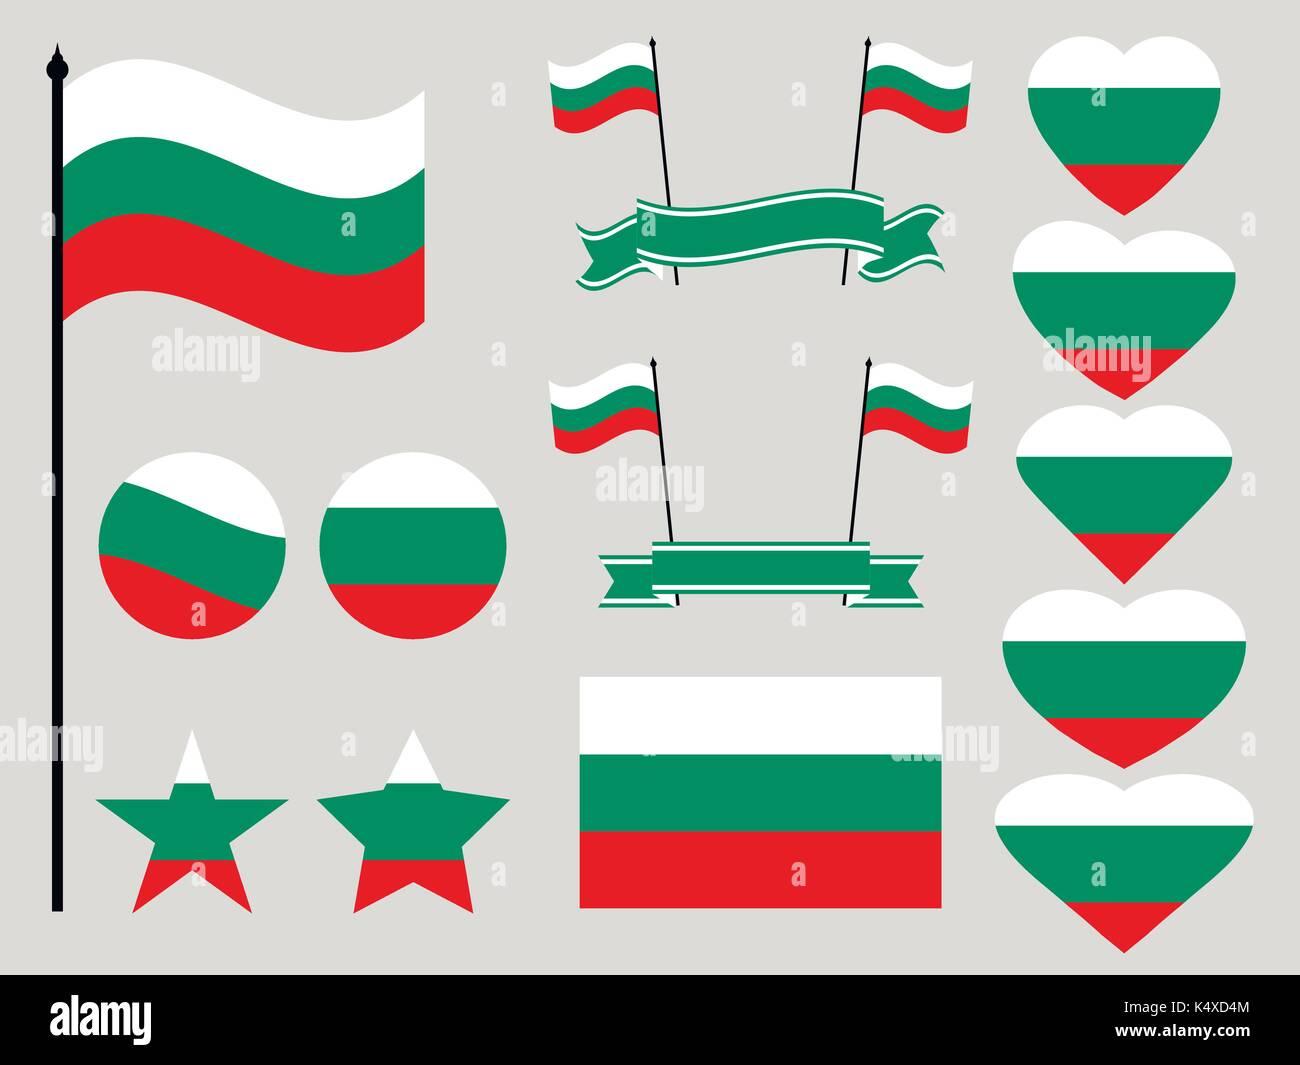 La Bulgarie est cochée.) collection de symboles coeur et cercle. vector  illustration Photo e88eedb3ddc